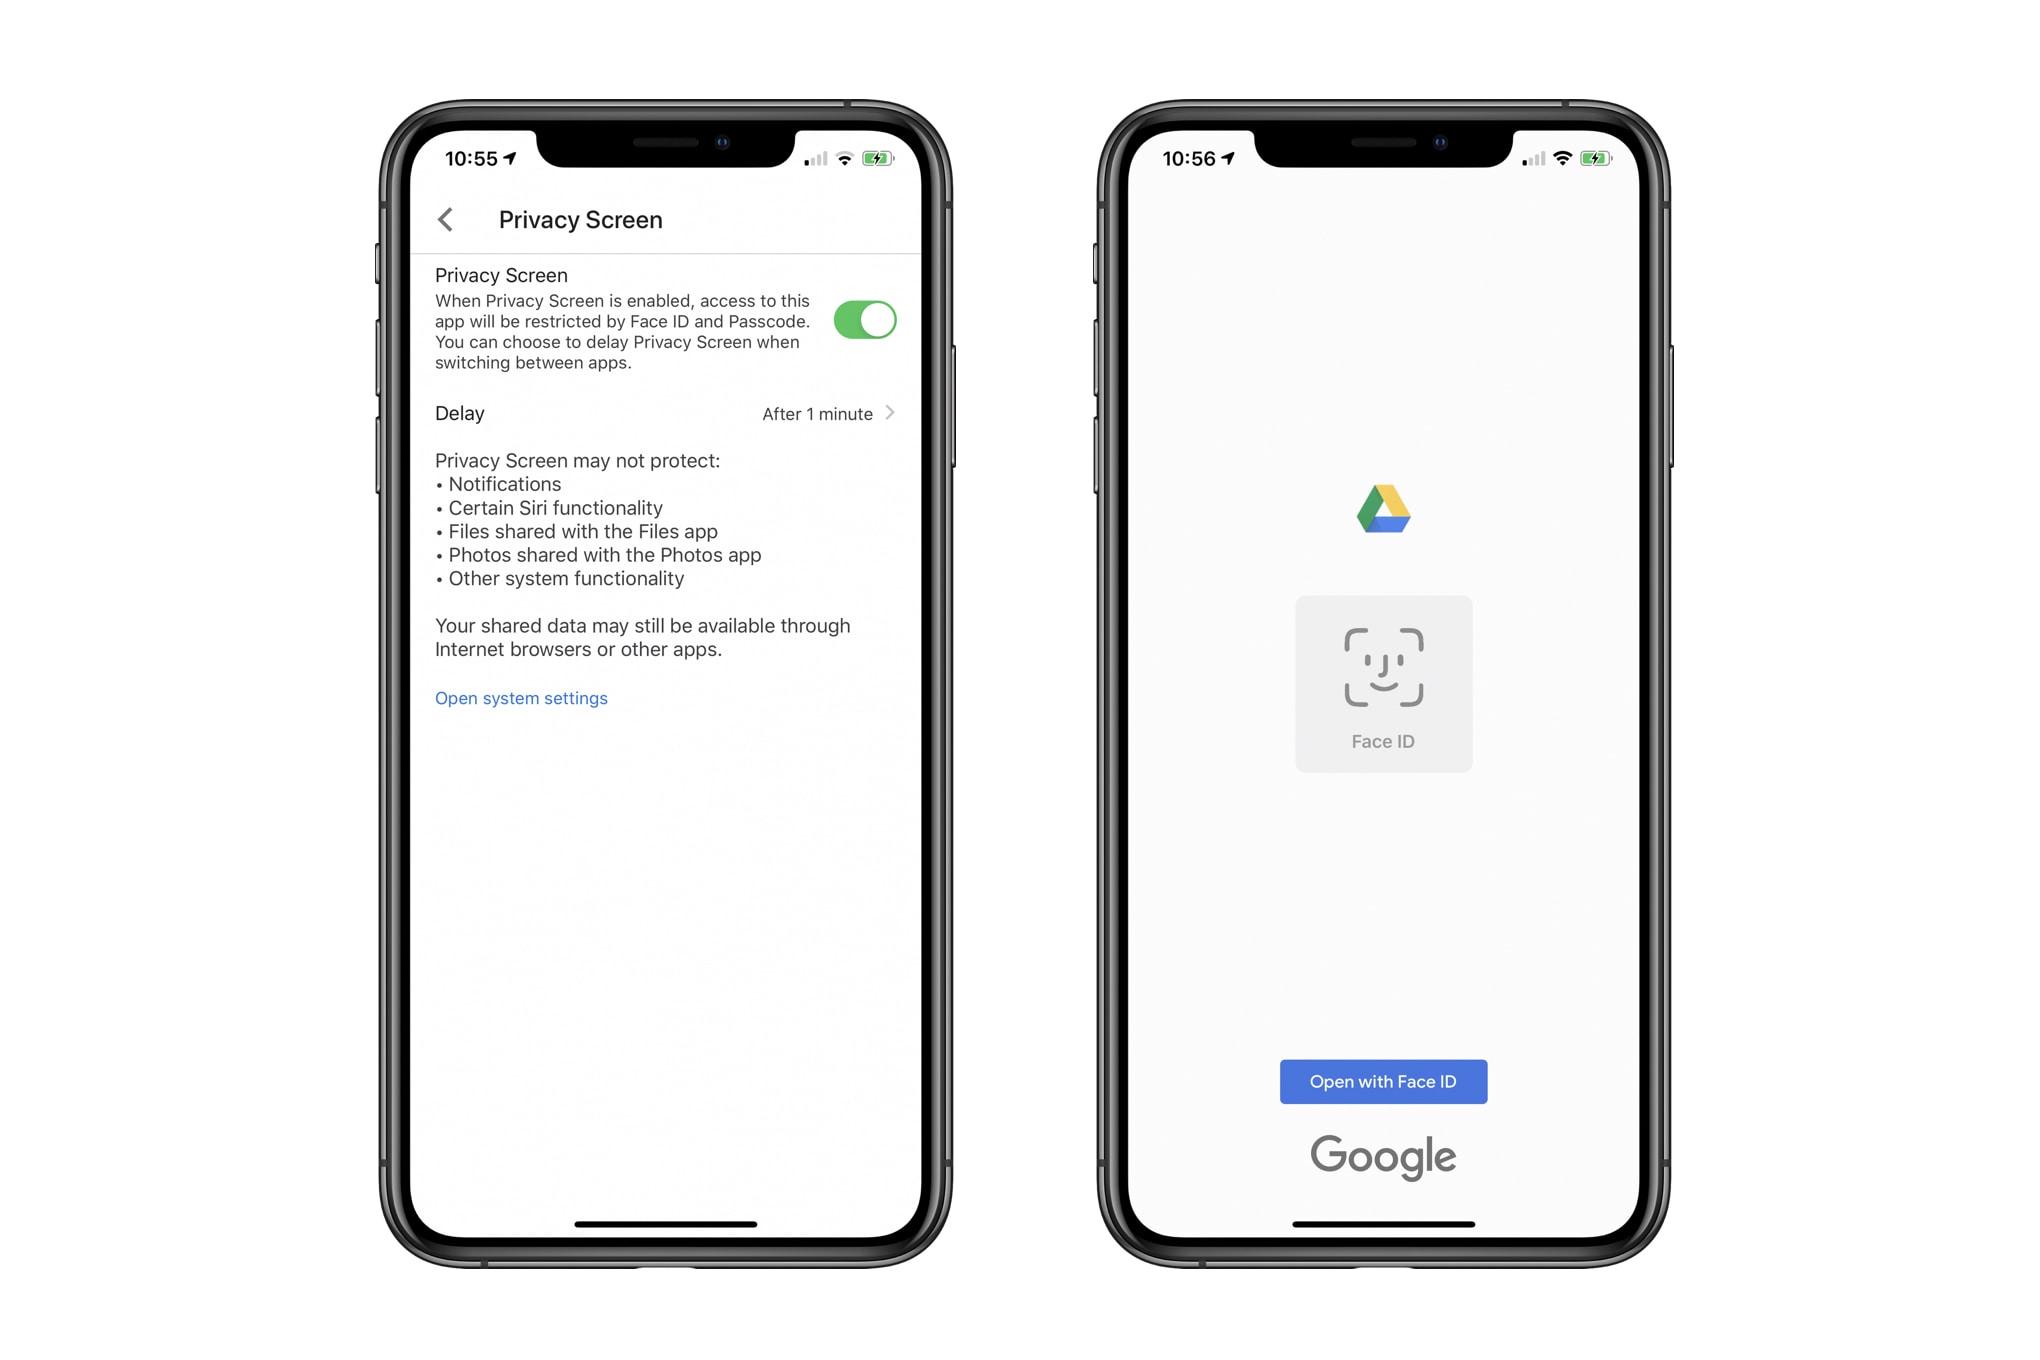 Đã có thể khoá ứng dụng Google Drive bằng Face ID/Touch ID trên iPhone, iPad